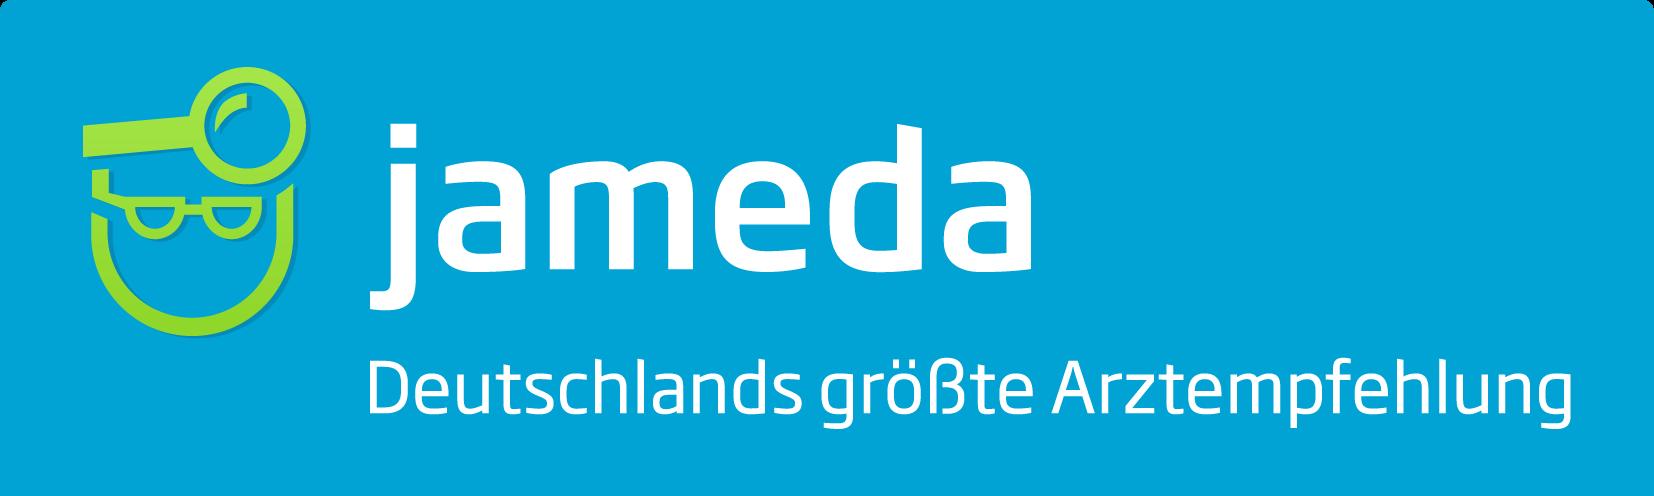 jameda-Logo-mit-Claim-Deutschlands größte Arztempfehlung